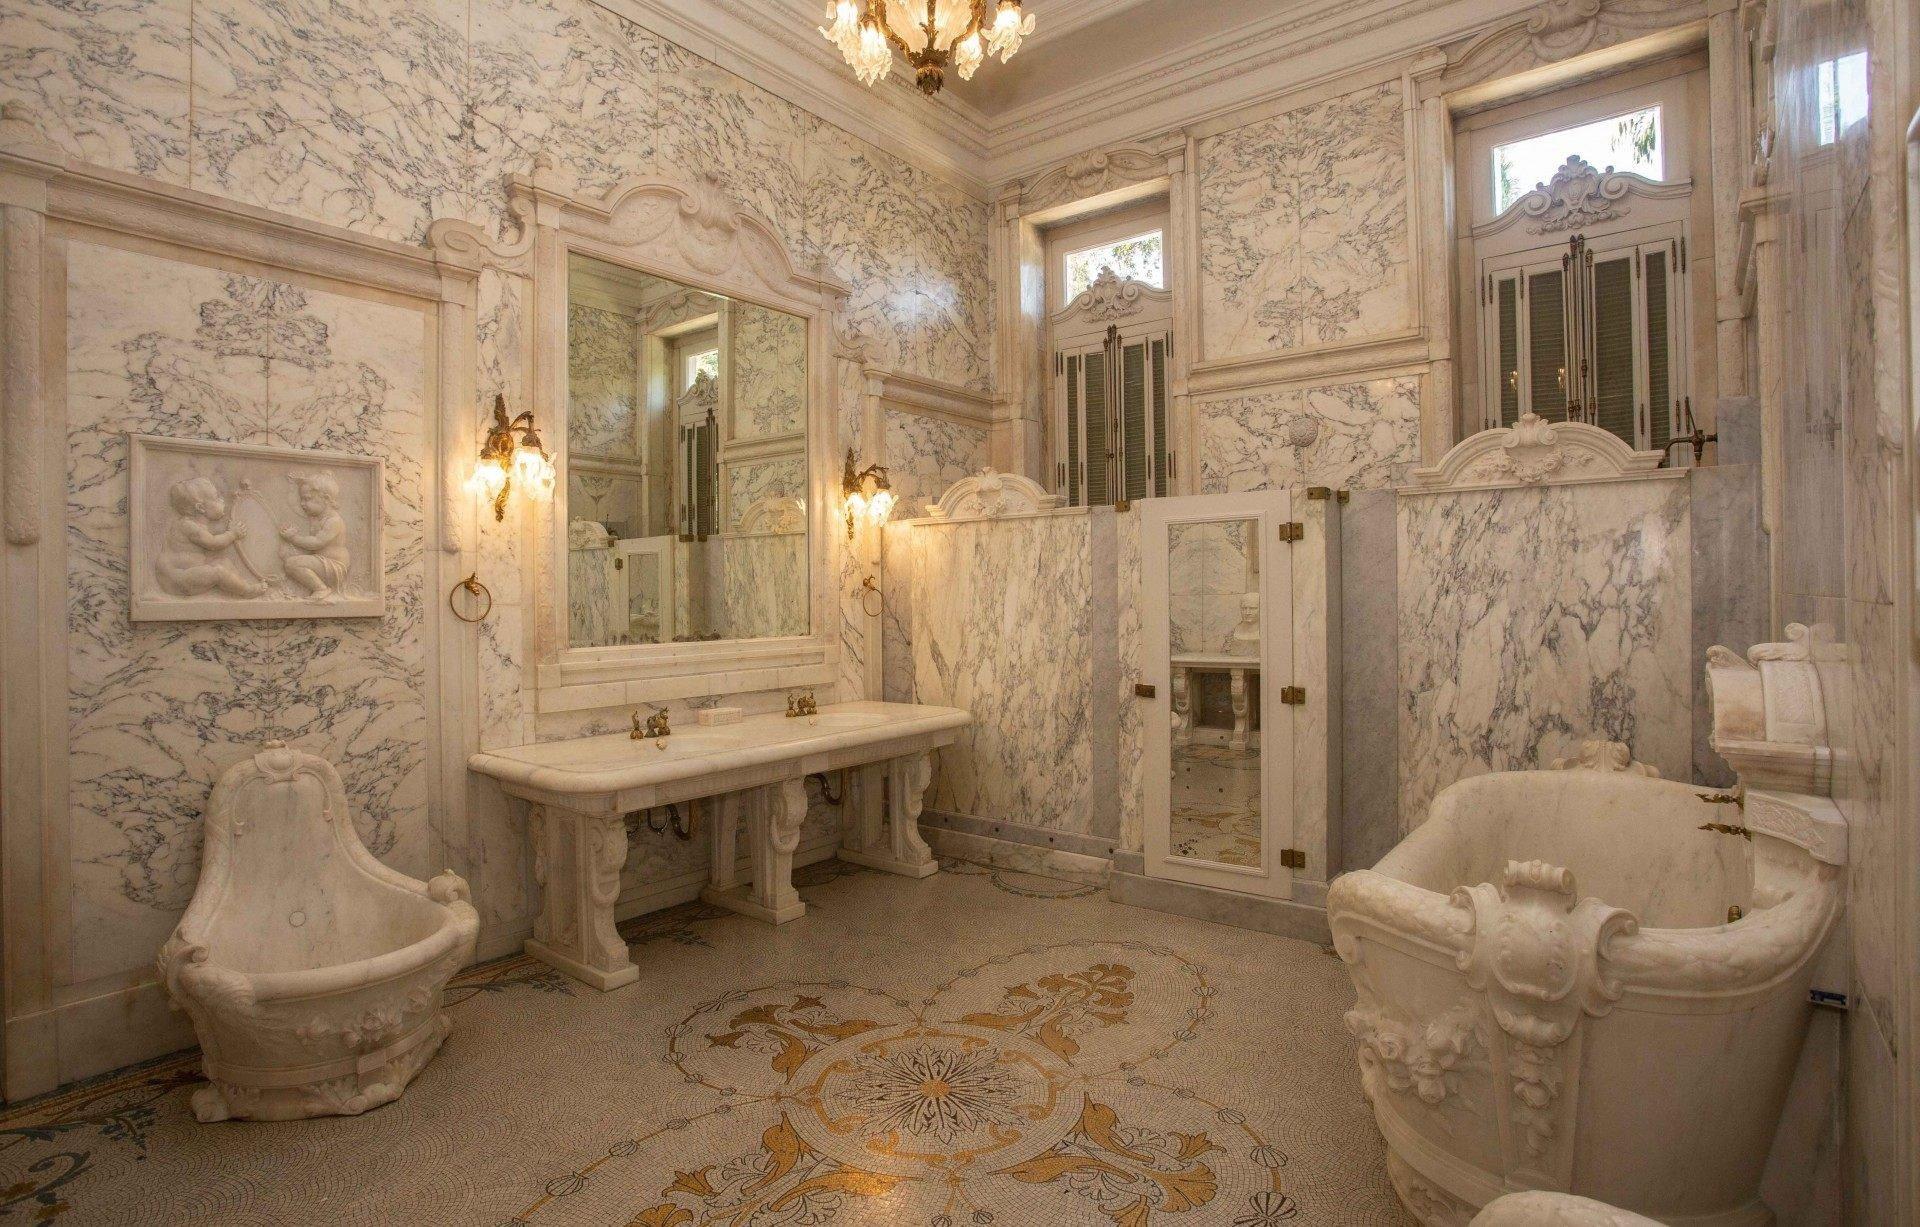 Banheiro do Palácio Laranjeiras - Rogerio Santana / Divulgação